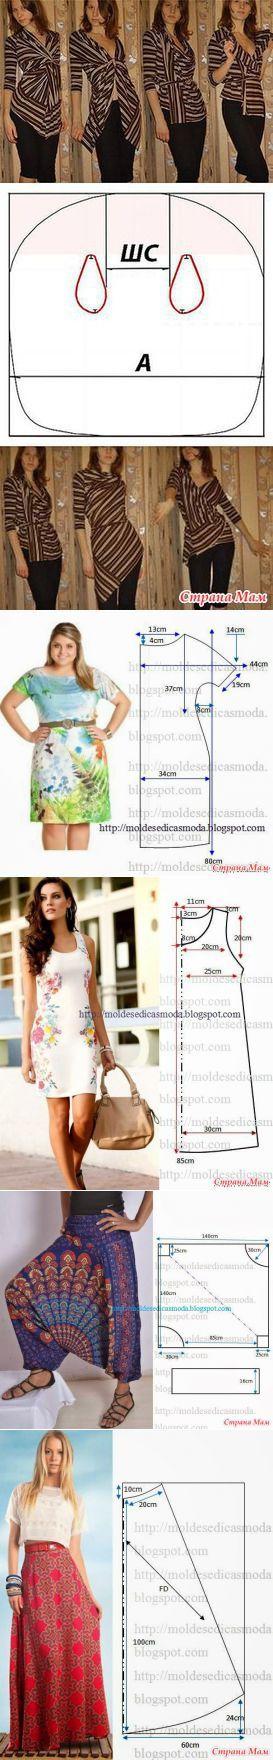 Sencillo de corte sencillo modelo - la costura y el bordado rápida para imperfecta - mamá País